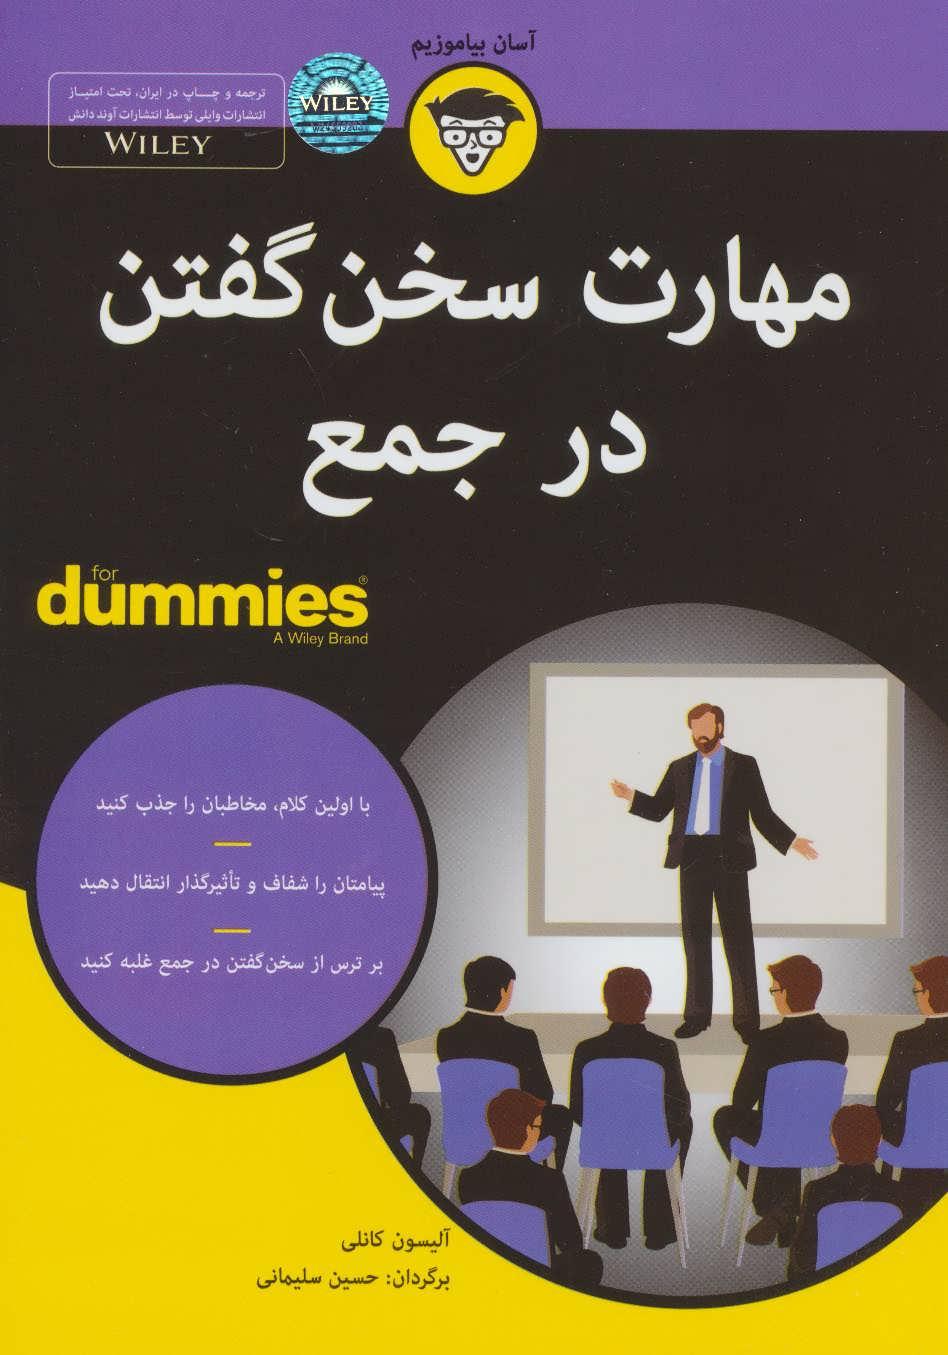 کتاب های دامیز (مهارت سخن گفتن در جمع)